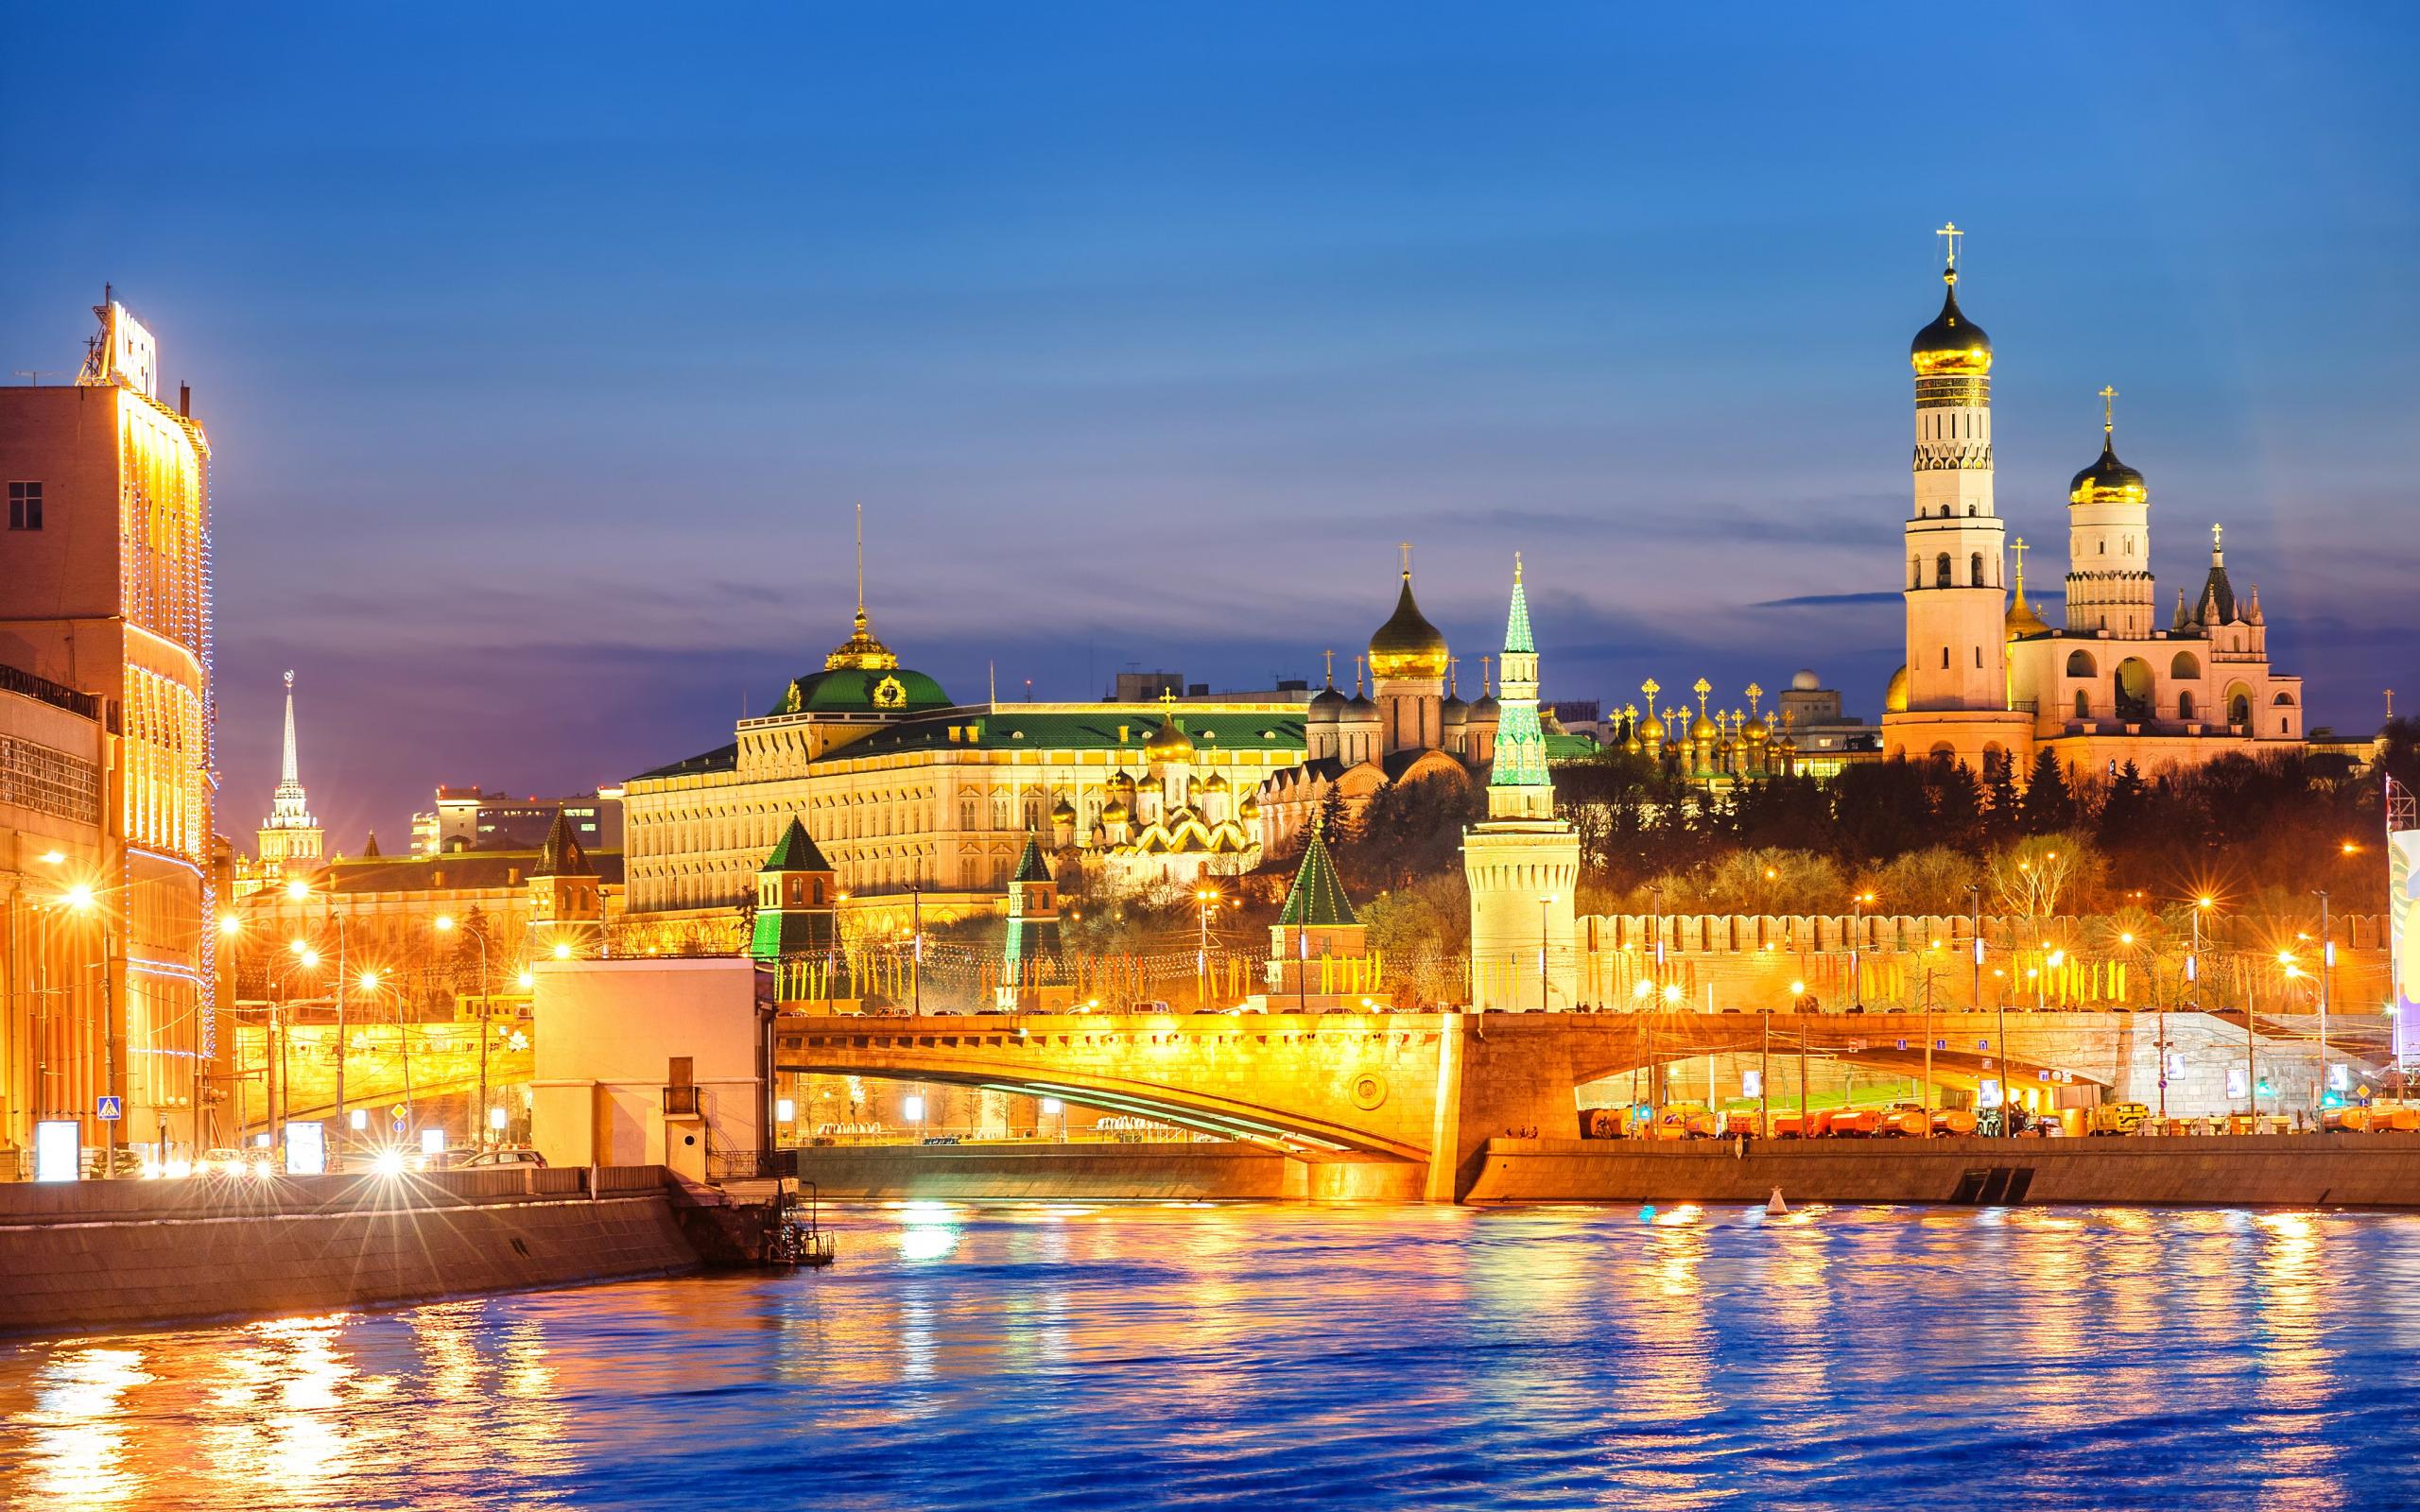 Фотографии городов россии в хорошем качестве